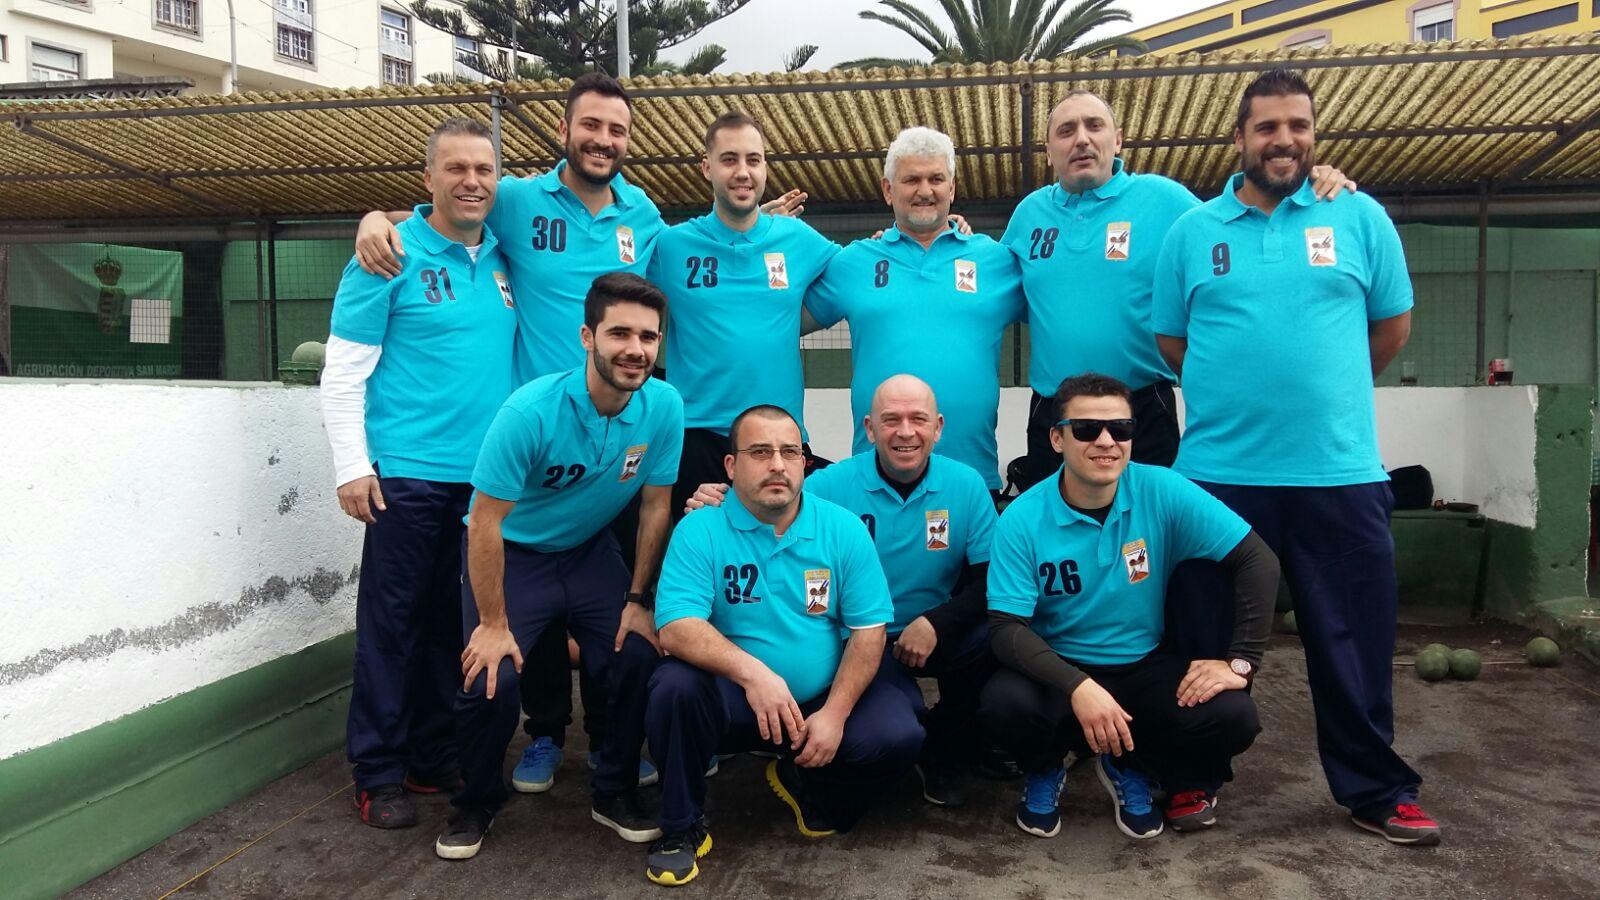 Club Bola Canaria Las Rosas